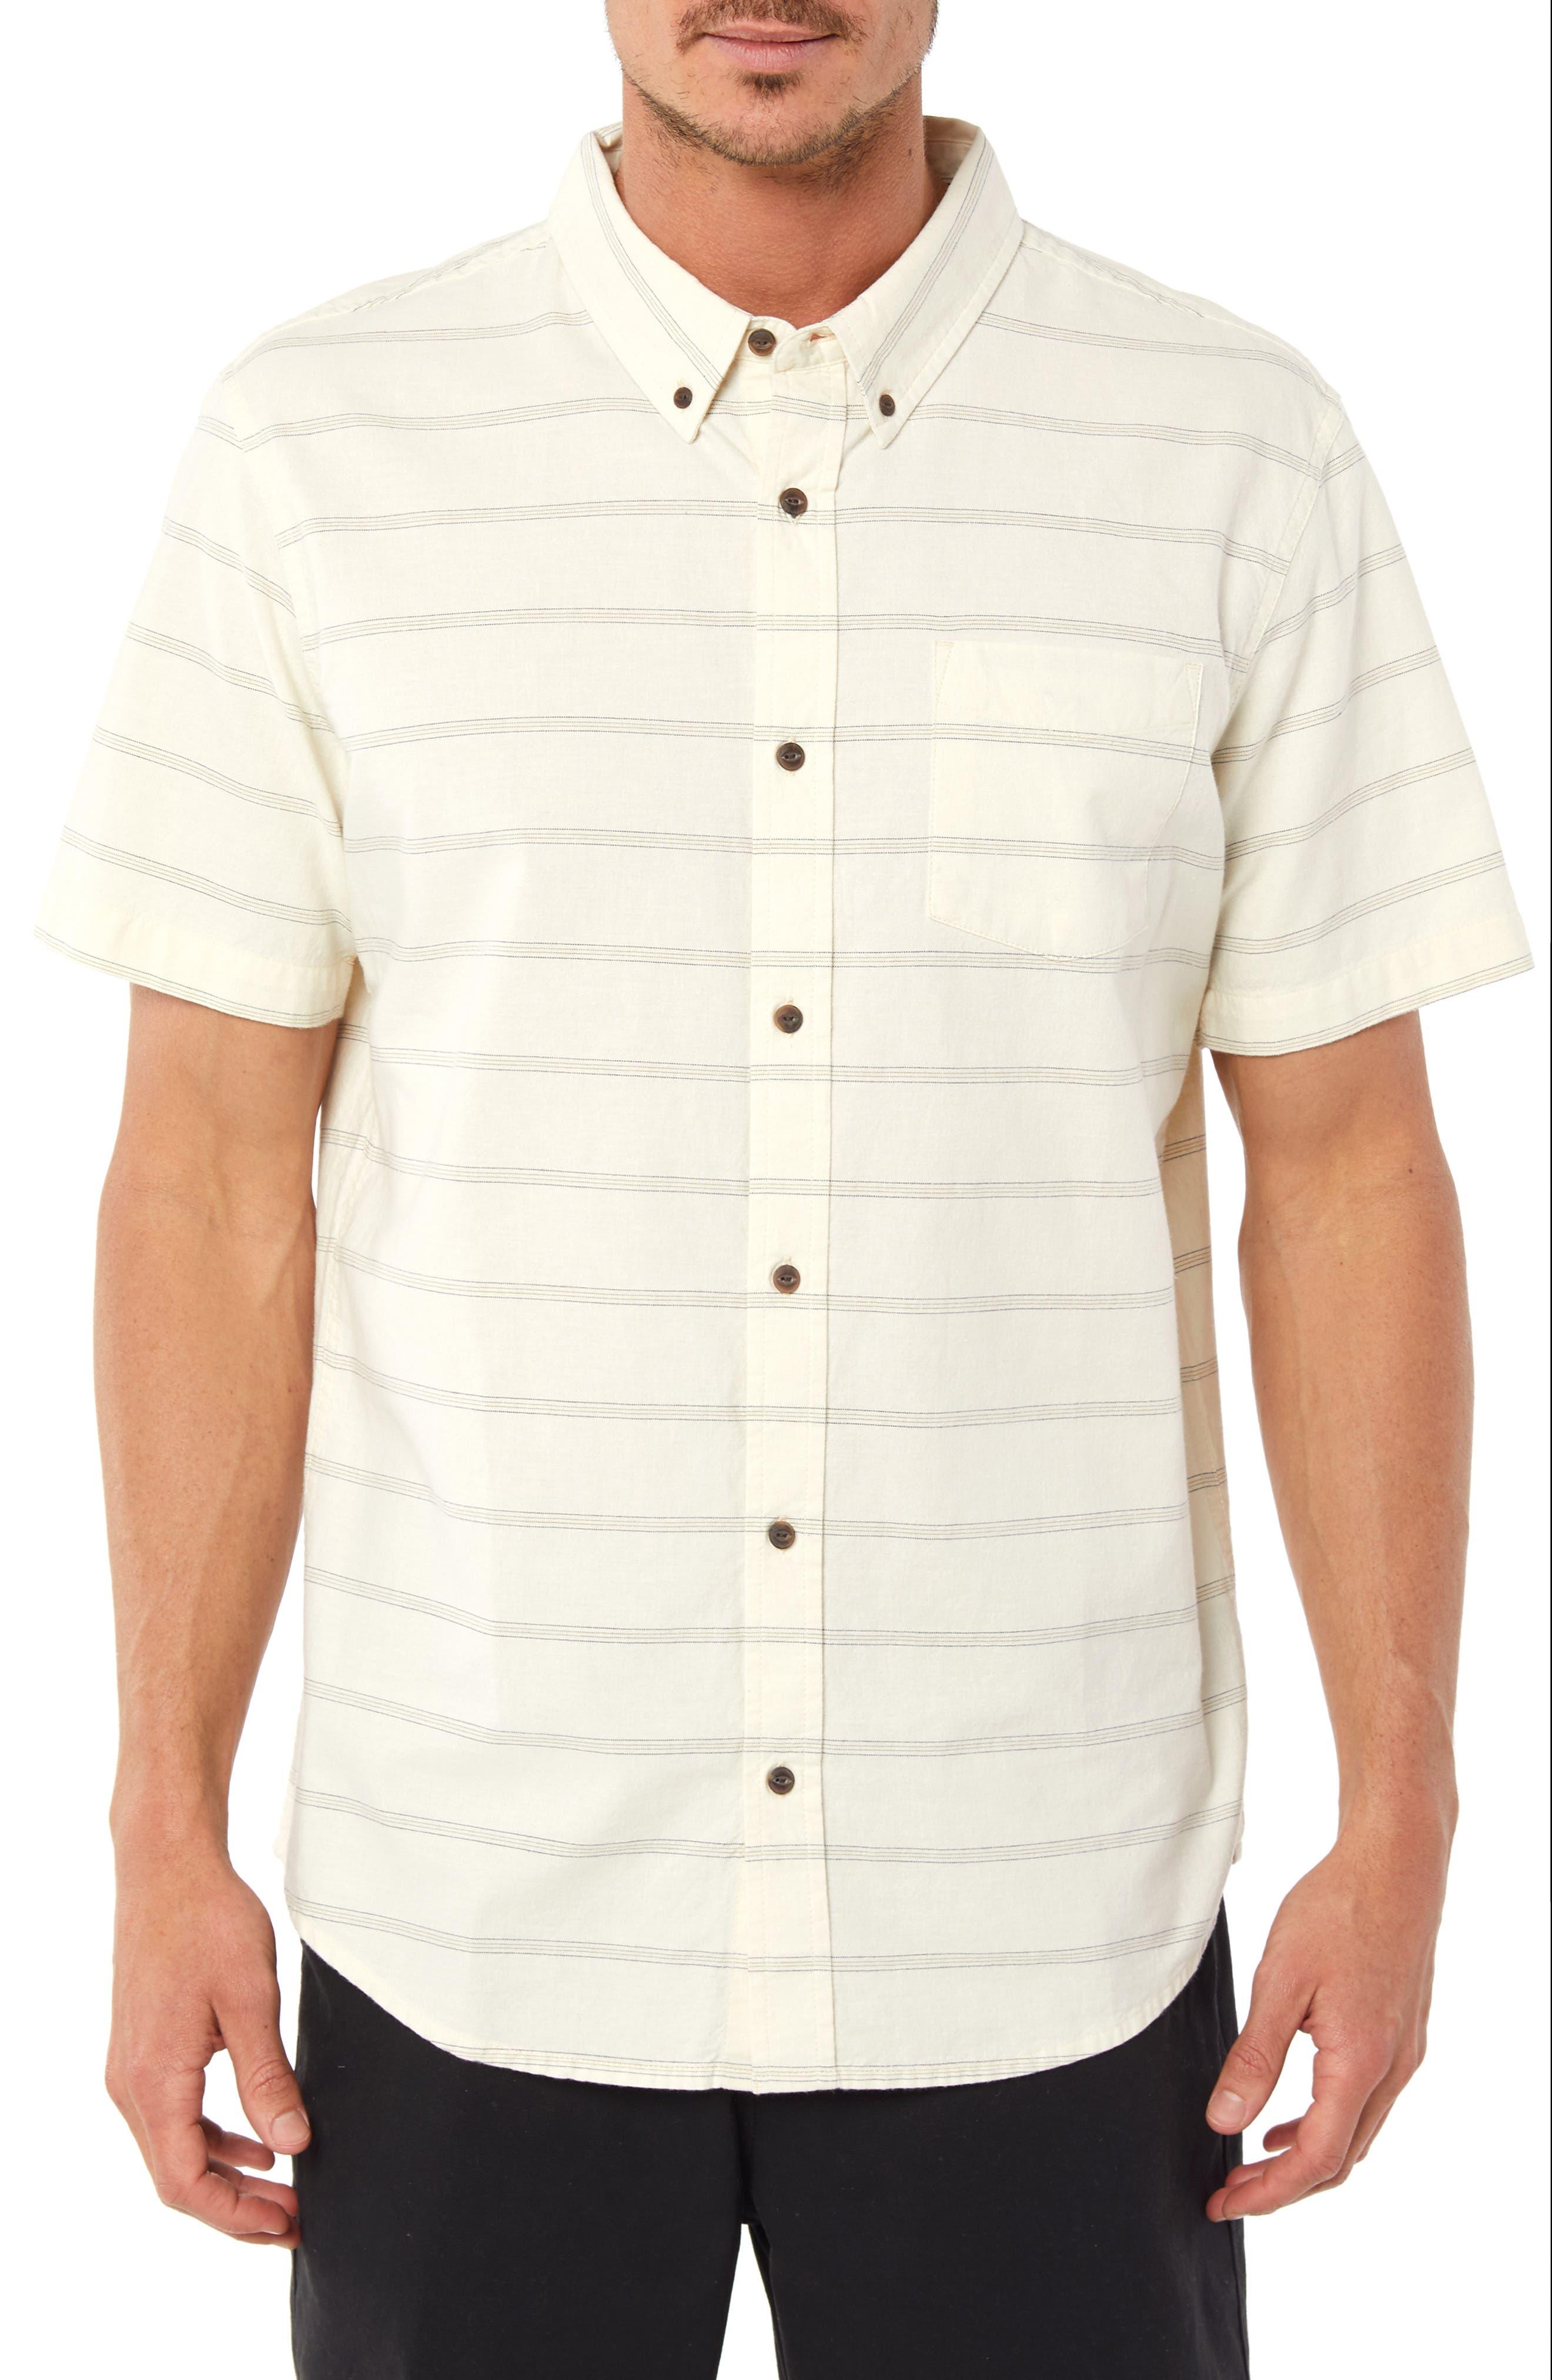 Tampico Regular Fit Sport Shirt,                         Main,                         color, 109